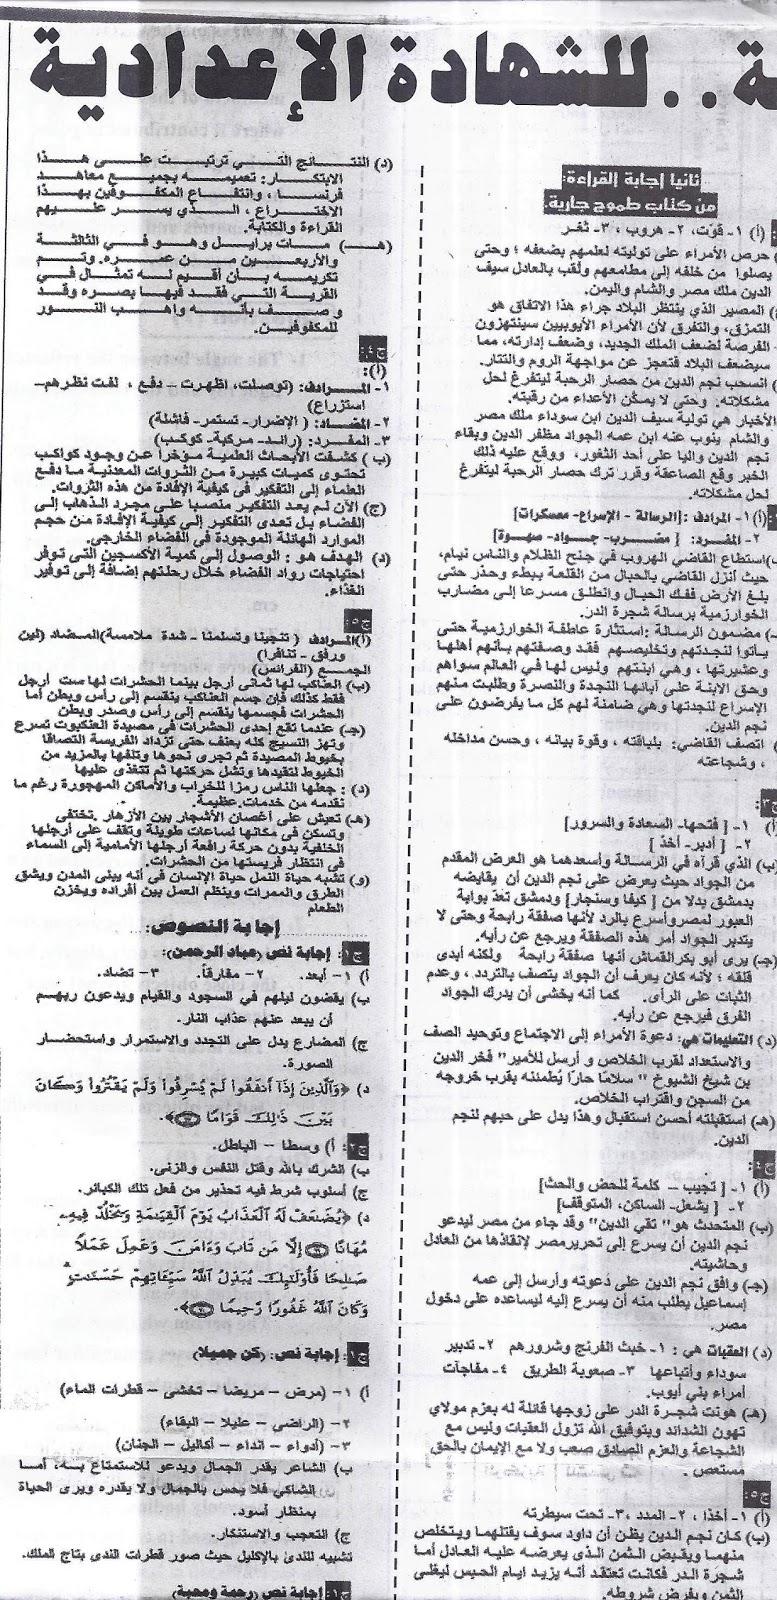 """المراجعة الاخيرة """"لغة عربية"""" ليلة امتحان نصف العام ... للشهادة الاعدادية - ملحق الجمهورية 20/1/2016 10"""